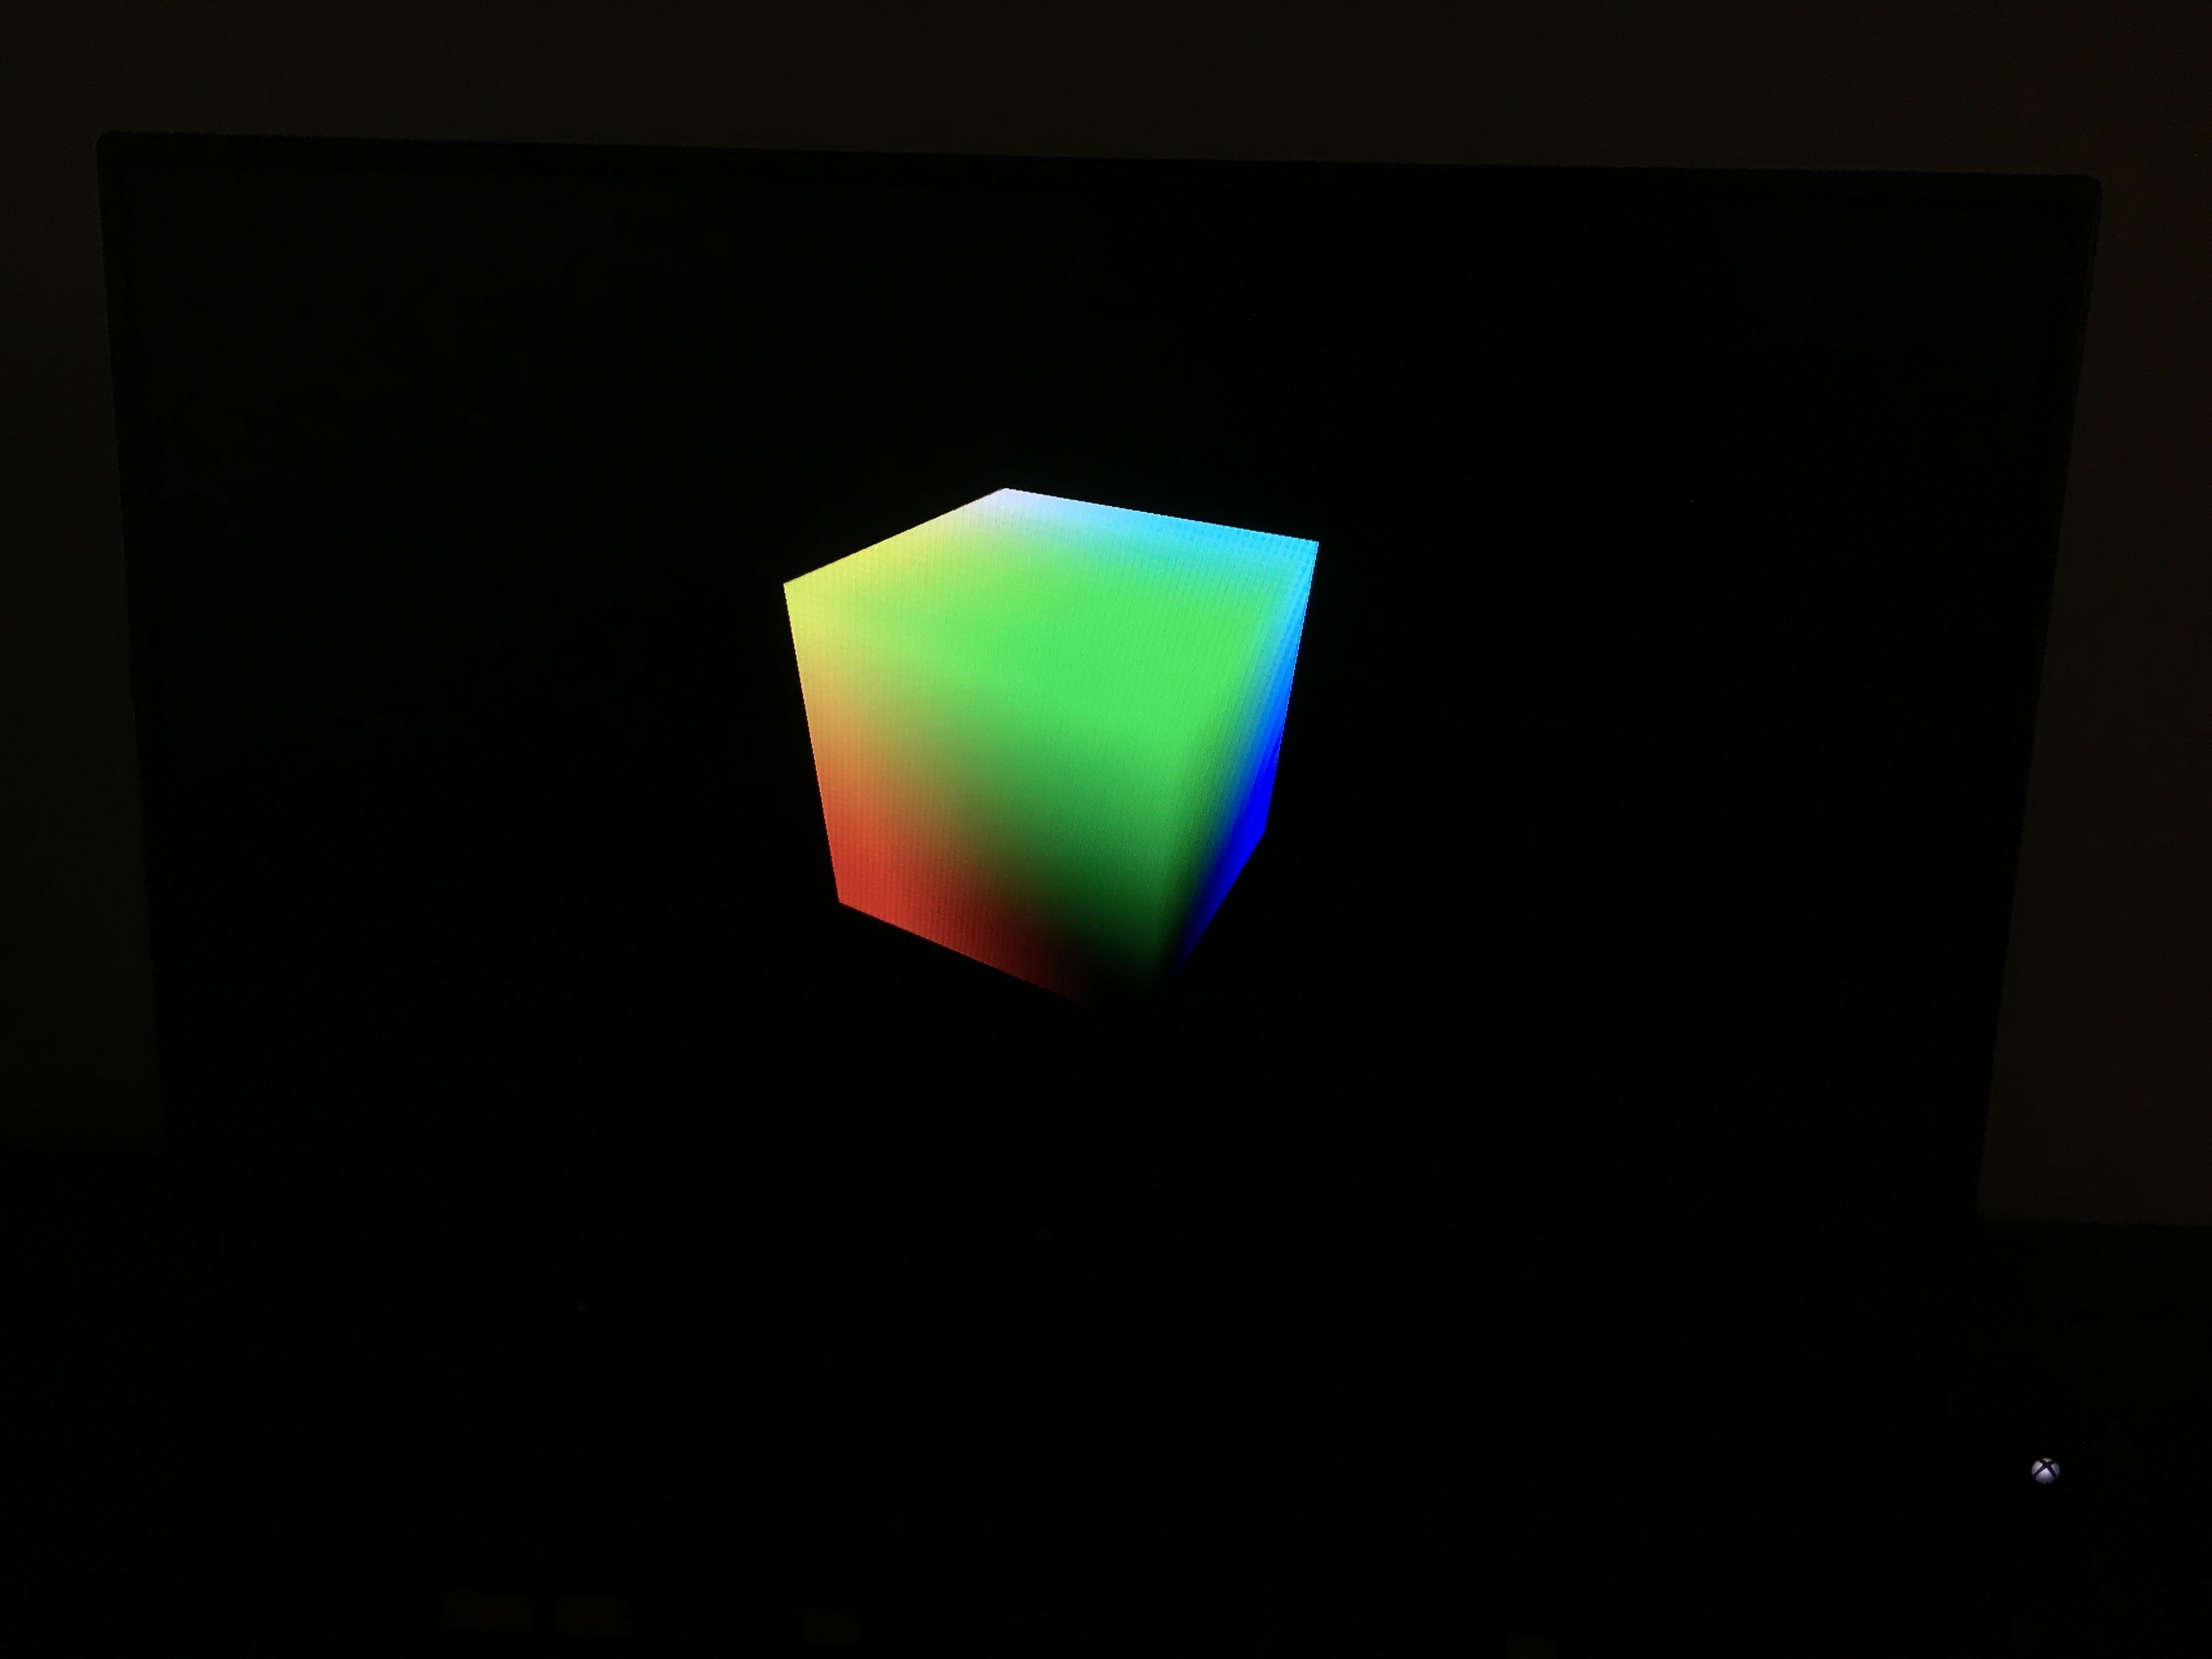 [UWP]cocos2d-x in visual studio 2015